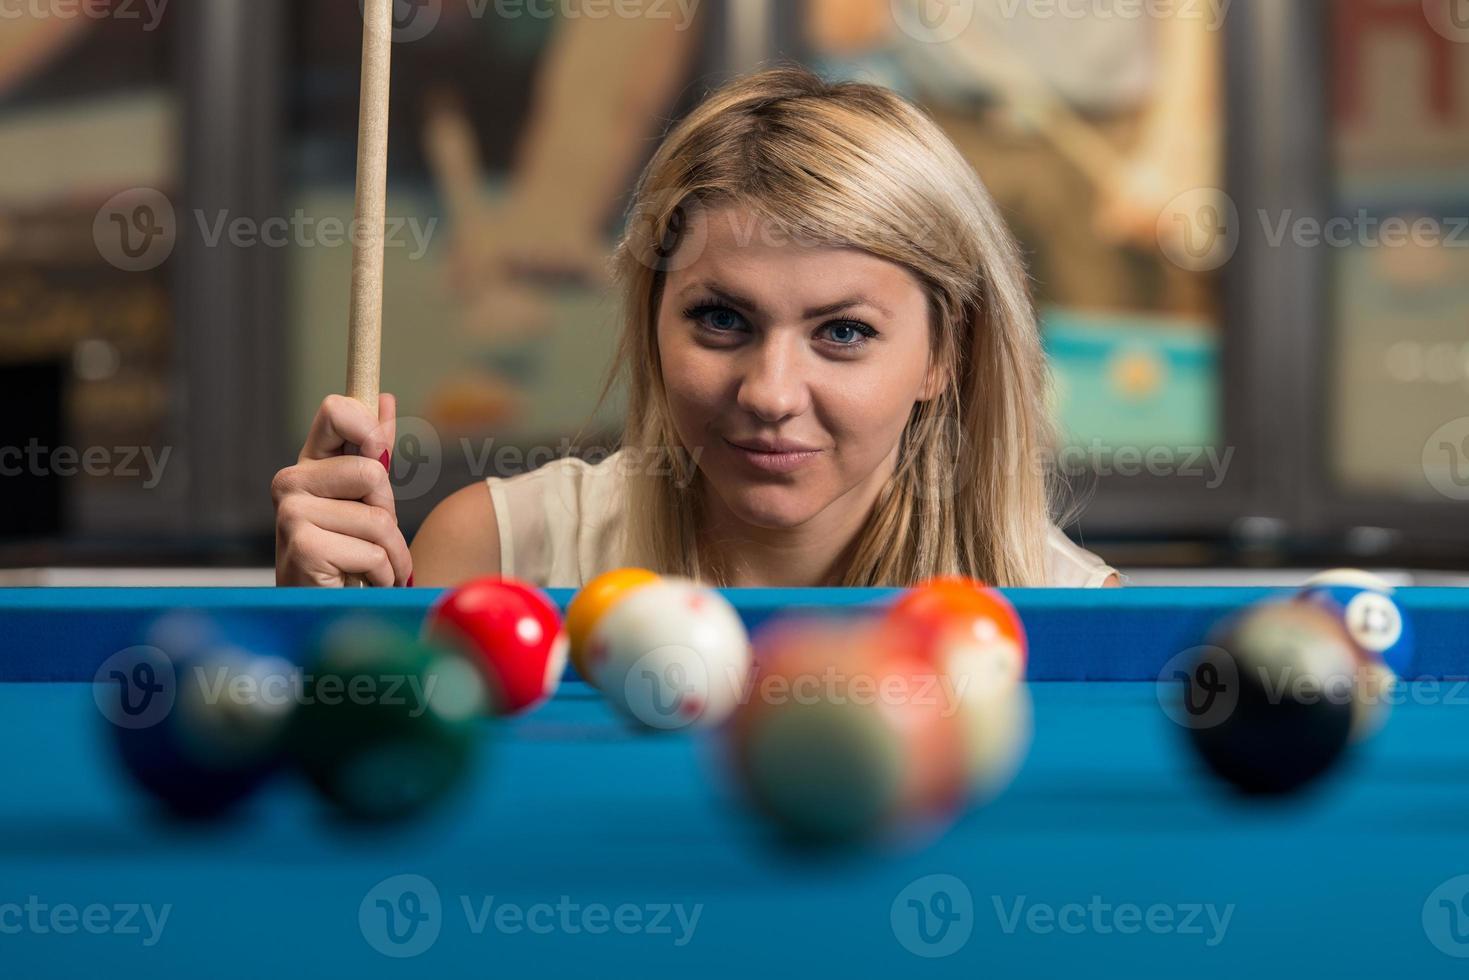 las mujeres jóvenes se concentran en la pelota foto